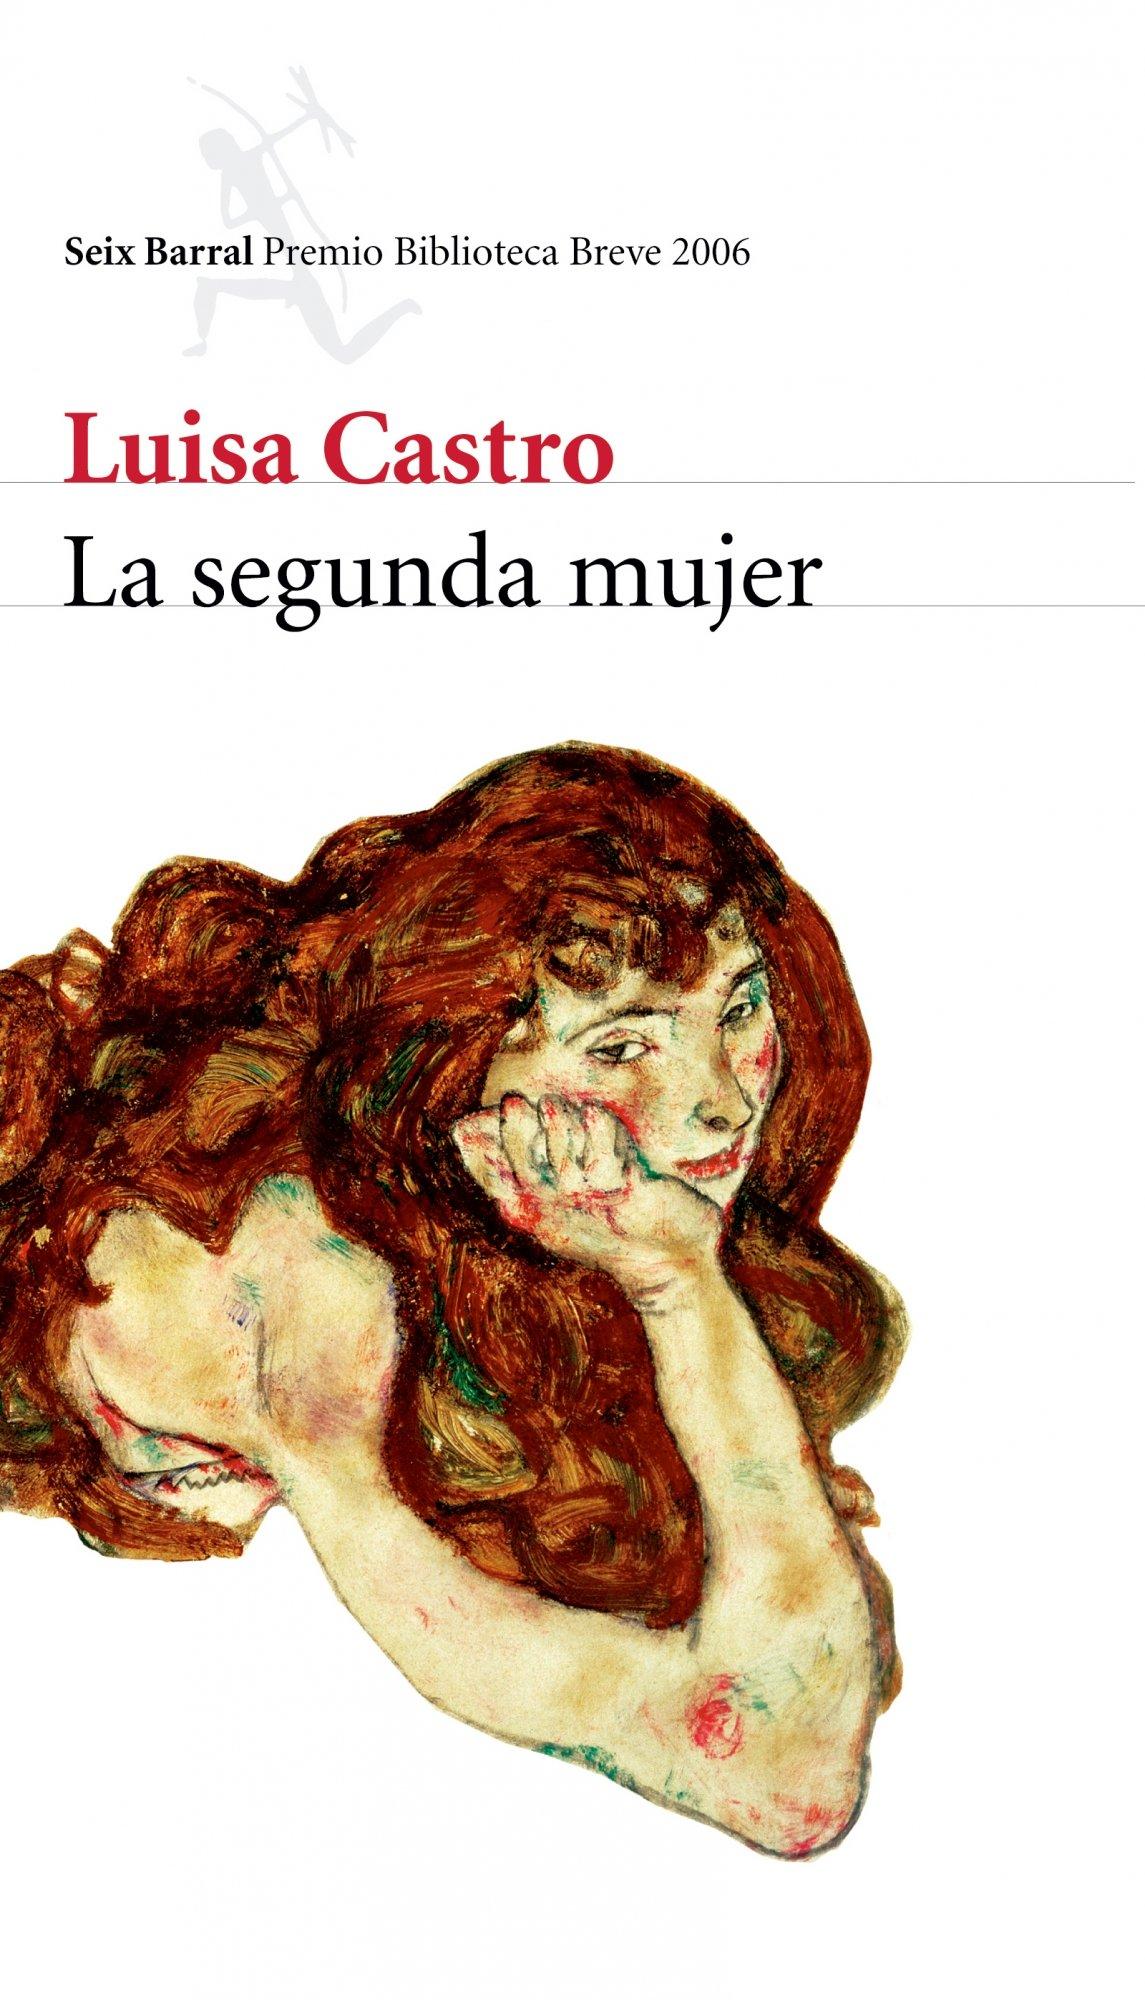 """Résultat de recherche d'images pour """"la segunda mujer luisa castro"""""""